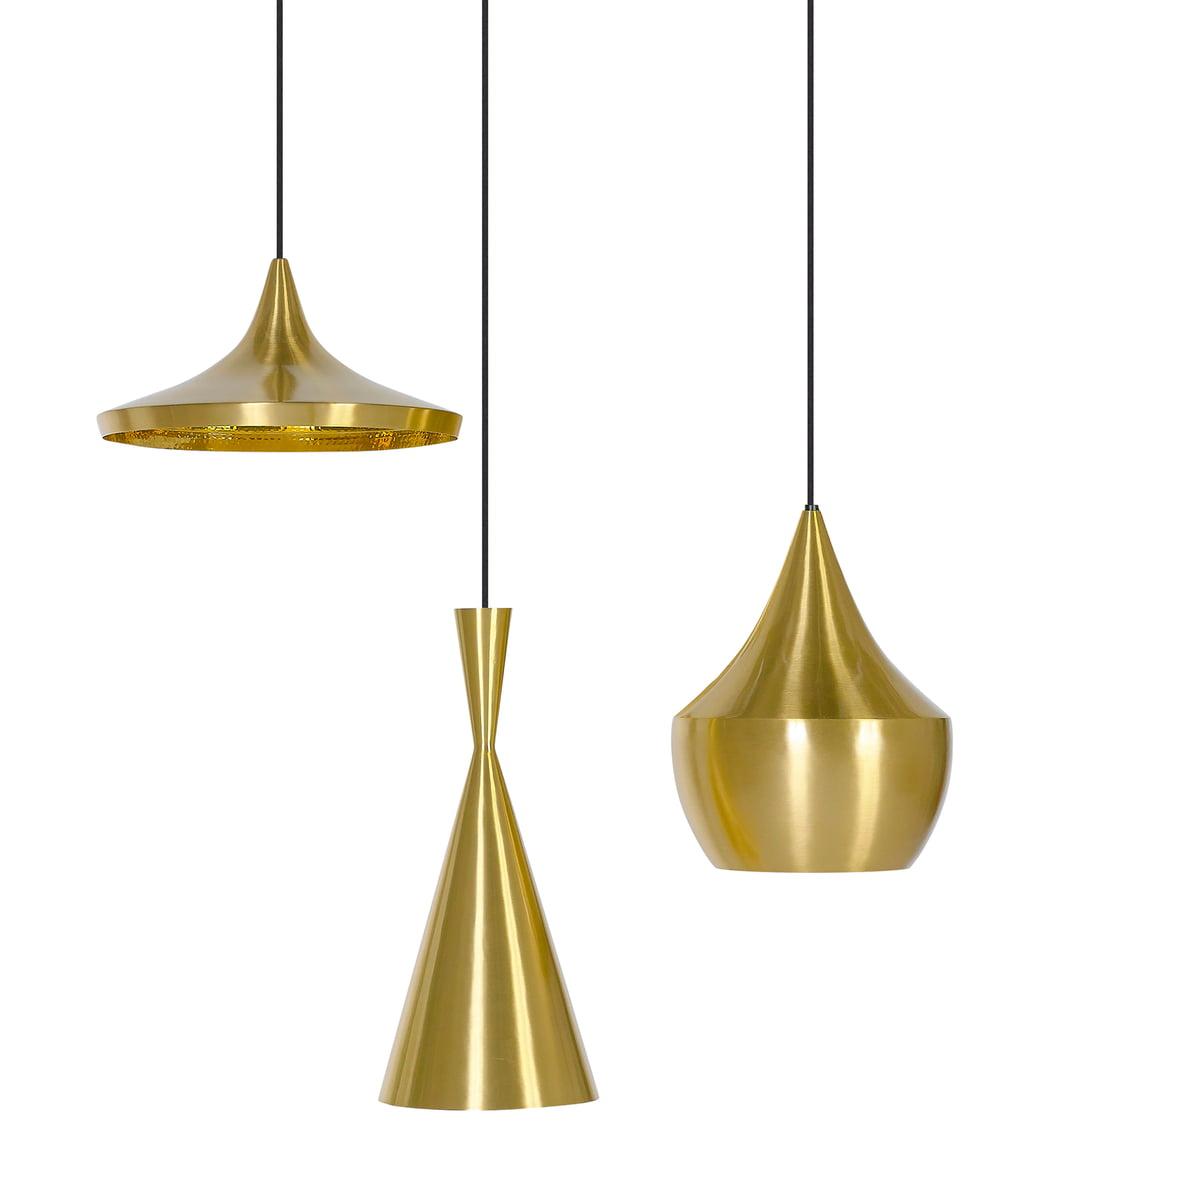 beautiful tolles dekoration tom dixon lampen #1: Unverwechselbar und verwandt